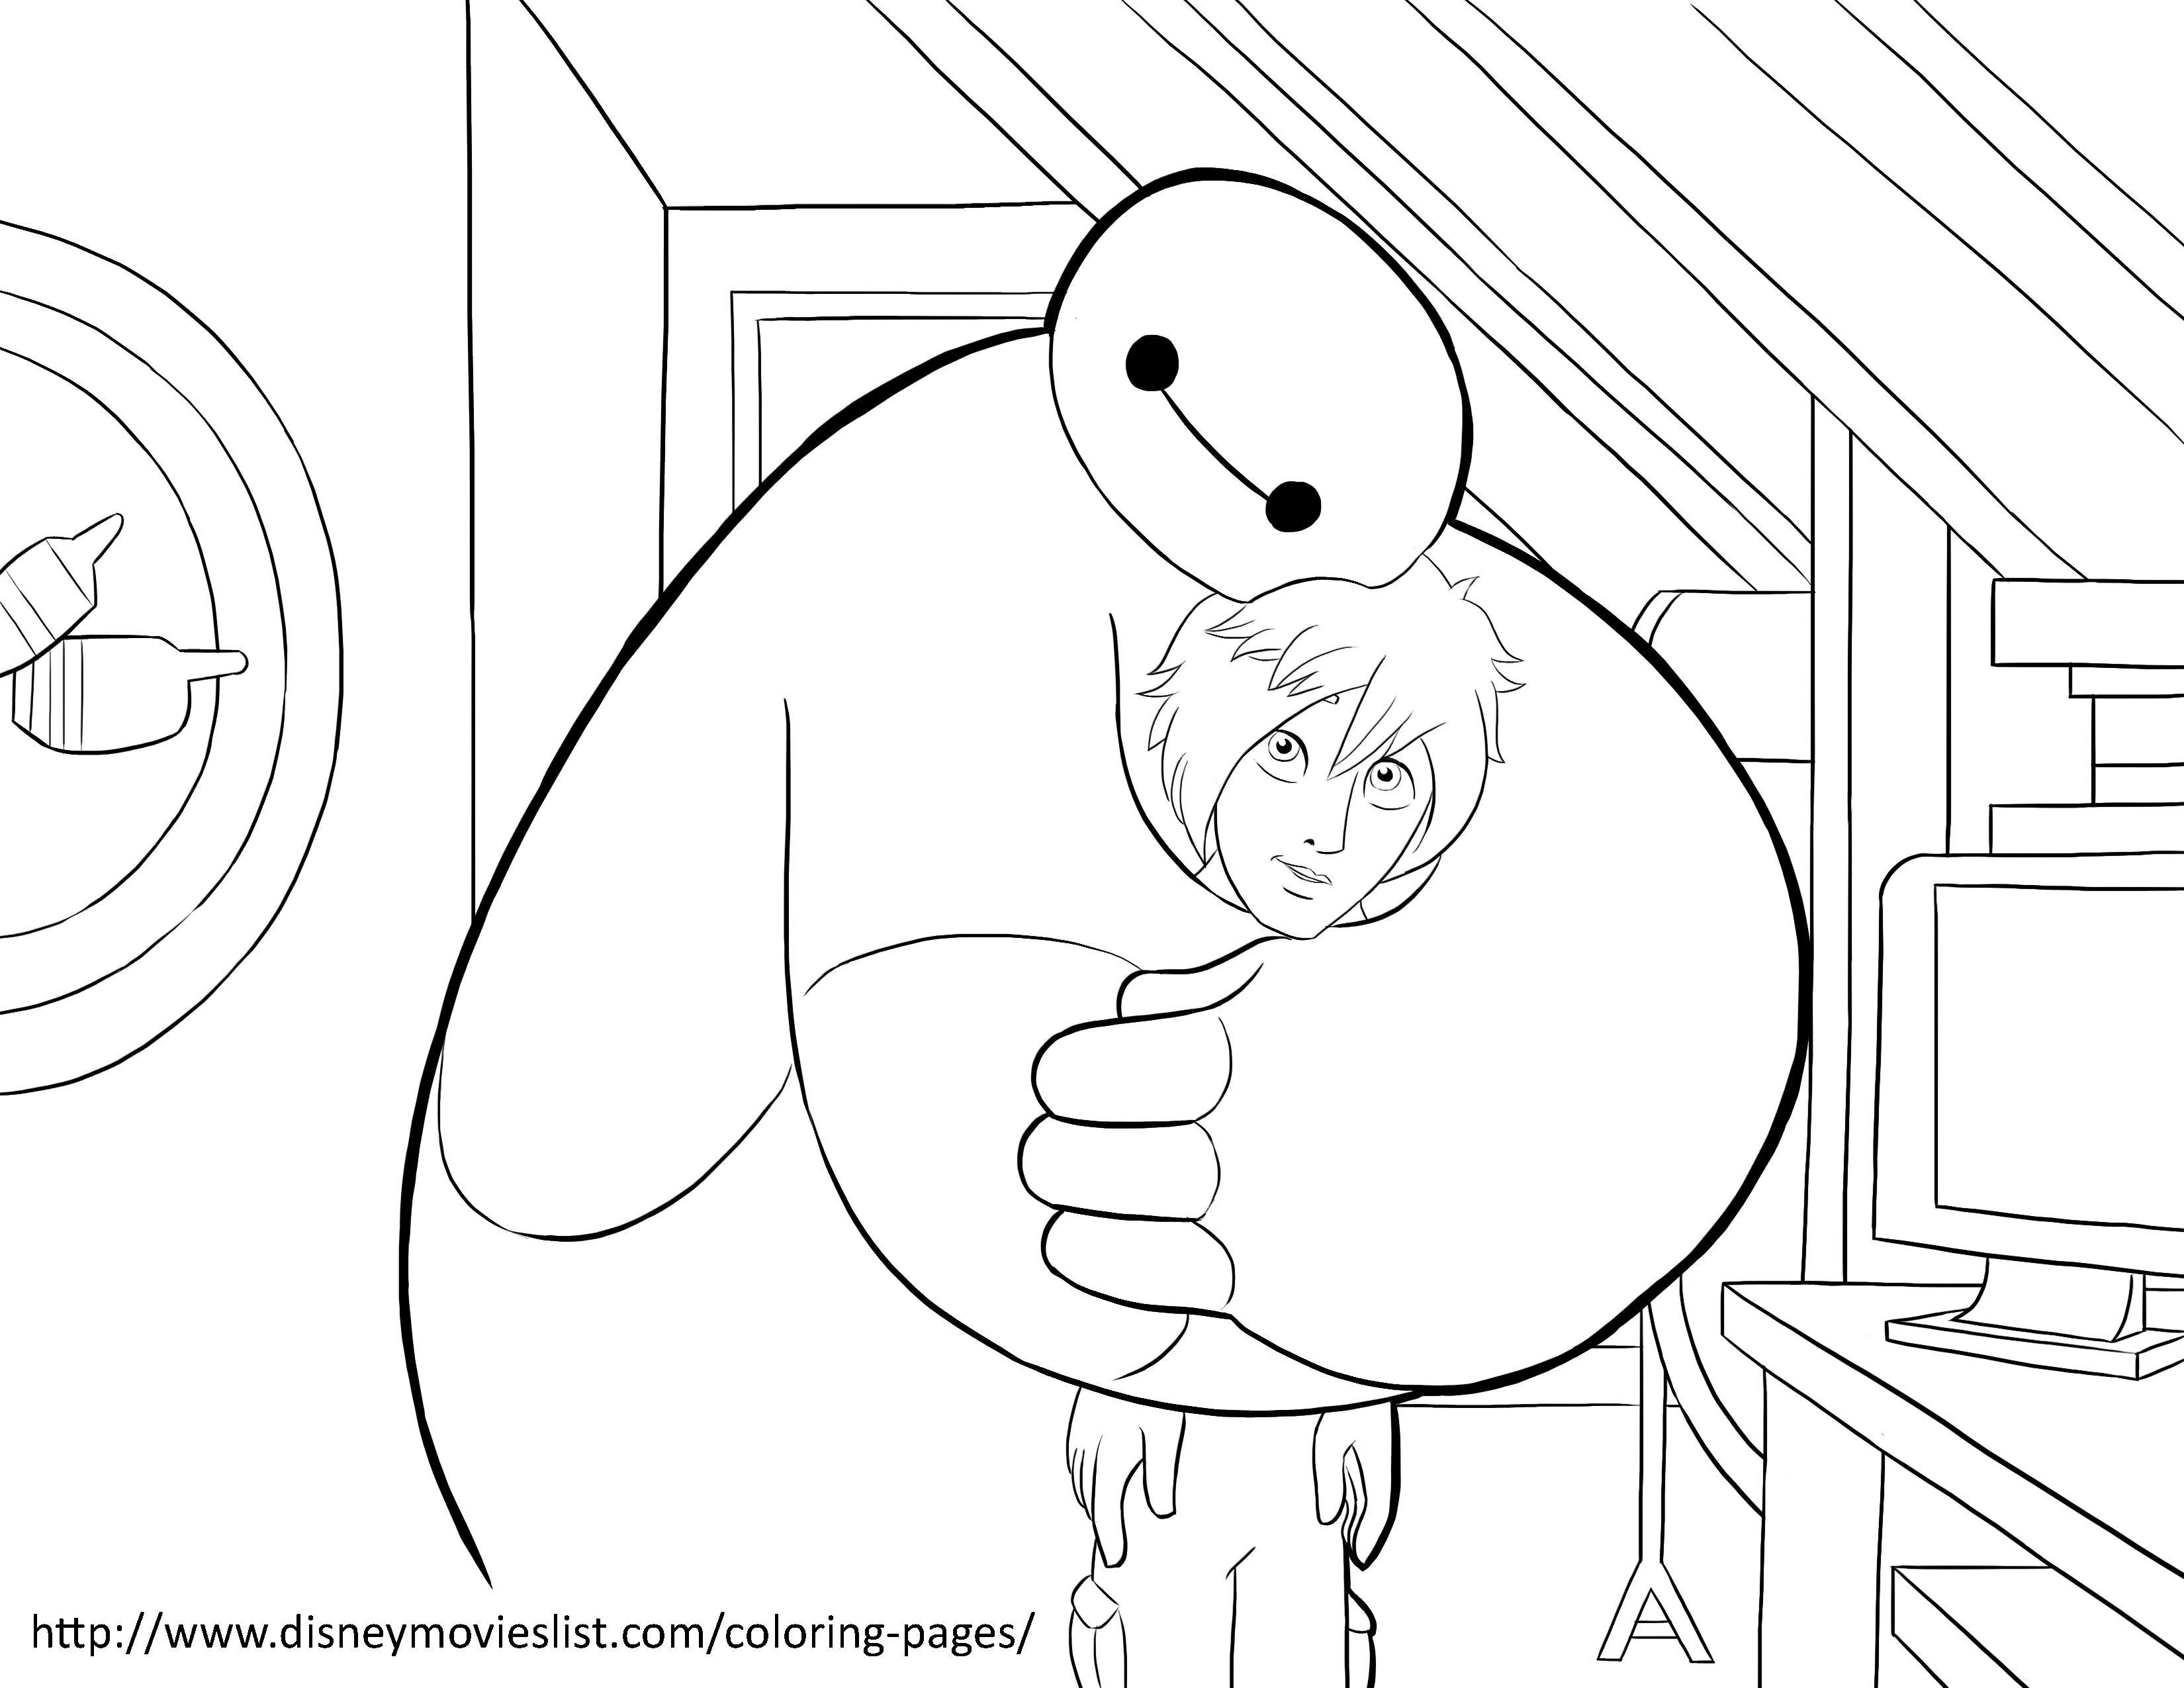 Disney S Big Hero 6 Coloring Pages Sheet Free Disney